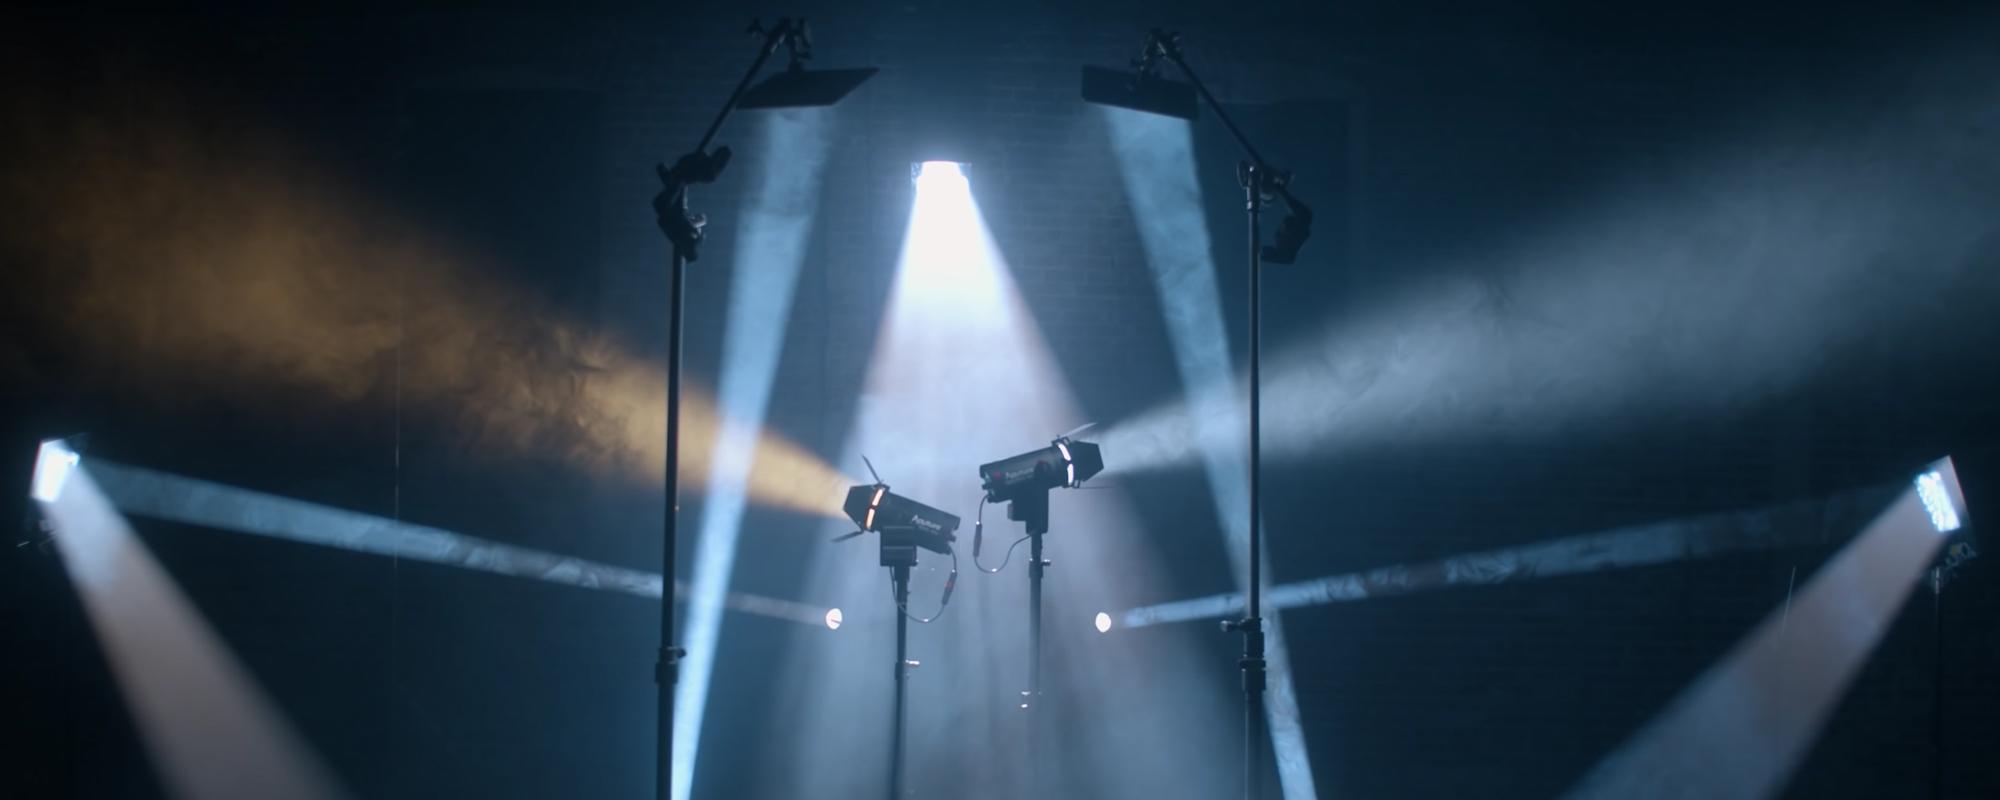 Lampy LED Aputure Light Storm LS 60d świecące punktowym i rozproszonym światłem